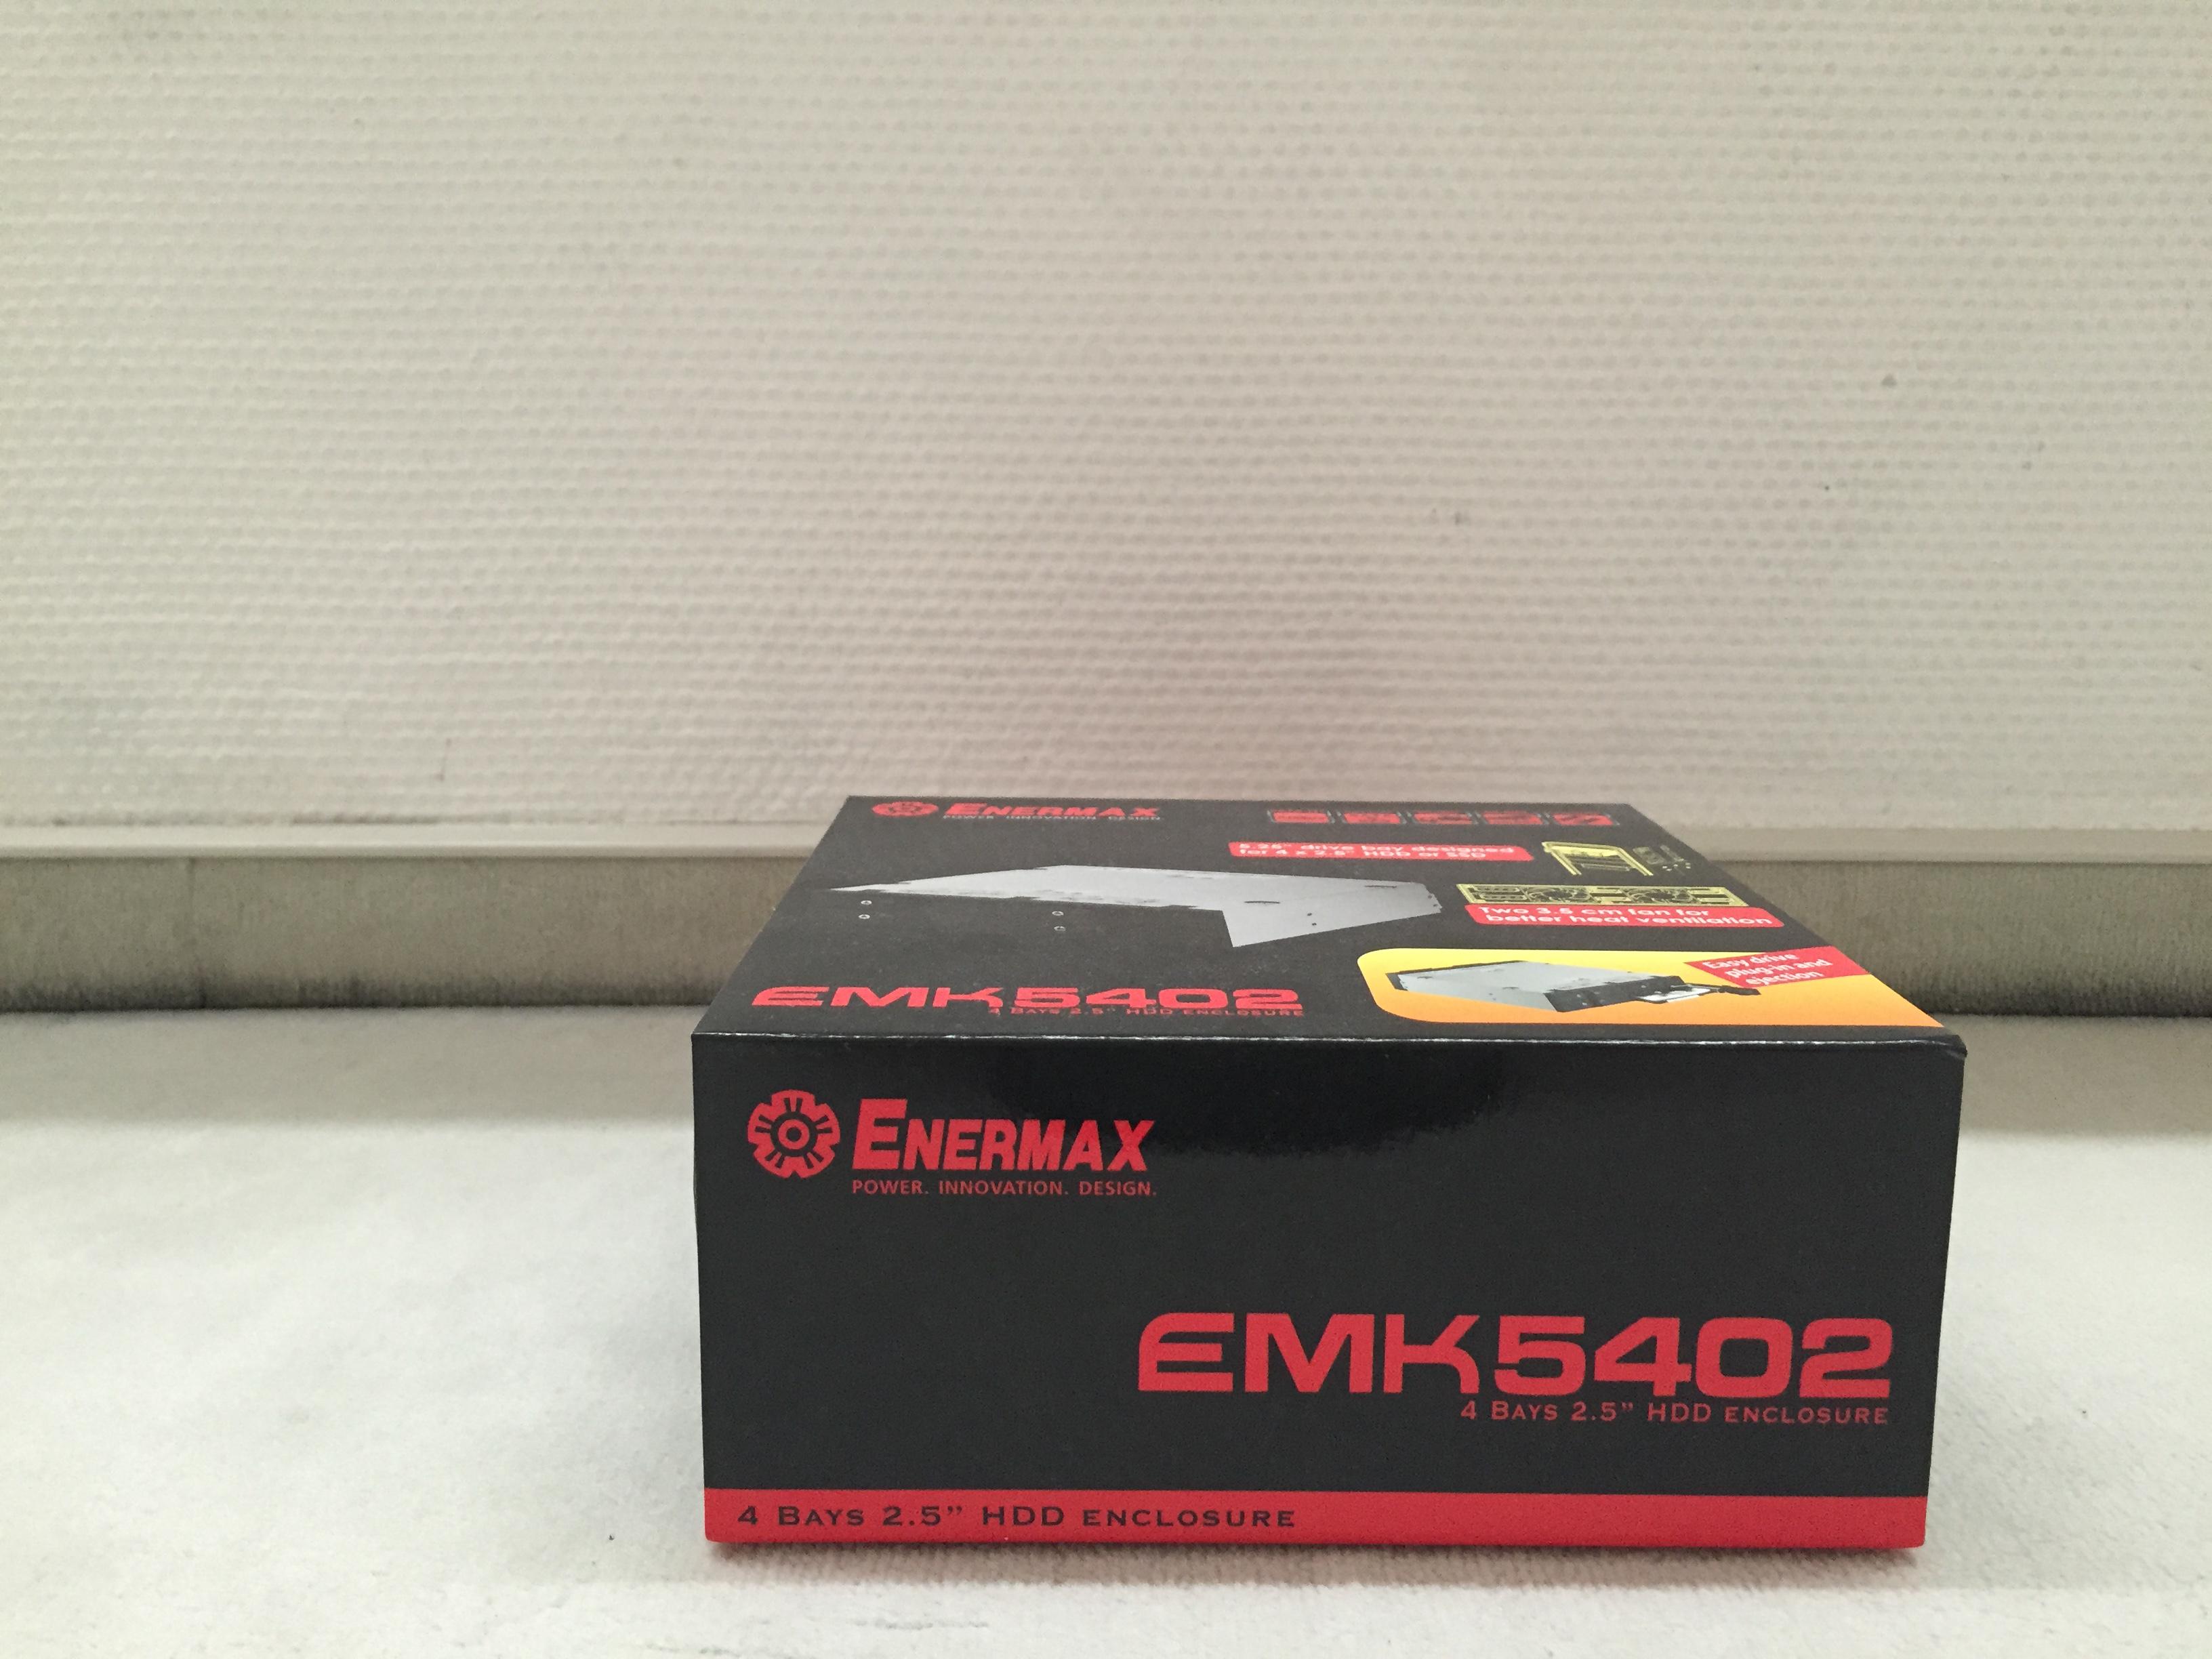 [Lesertest] Enermax EMK5402-img_0080.jpg